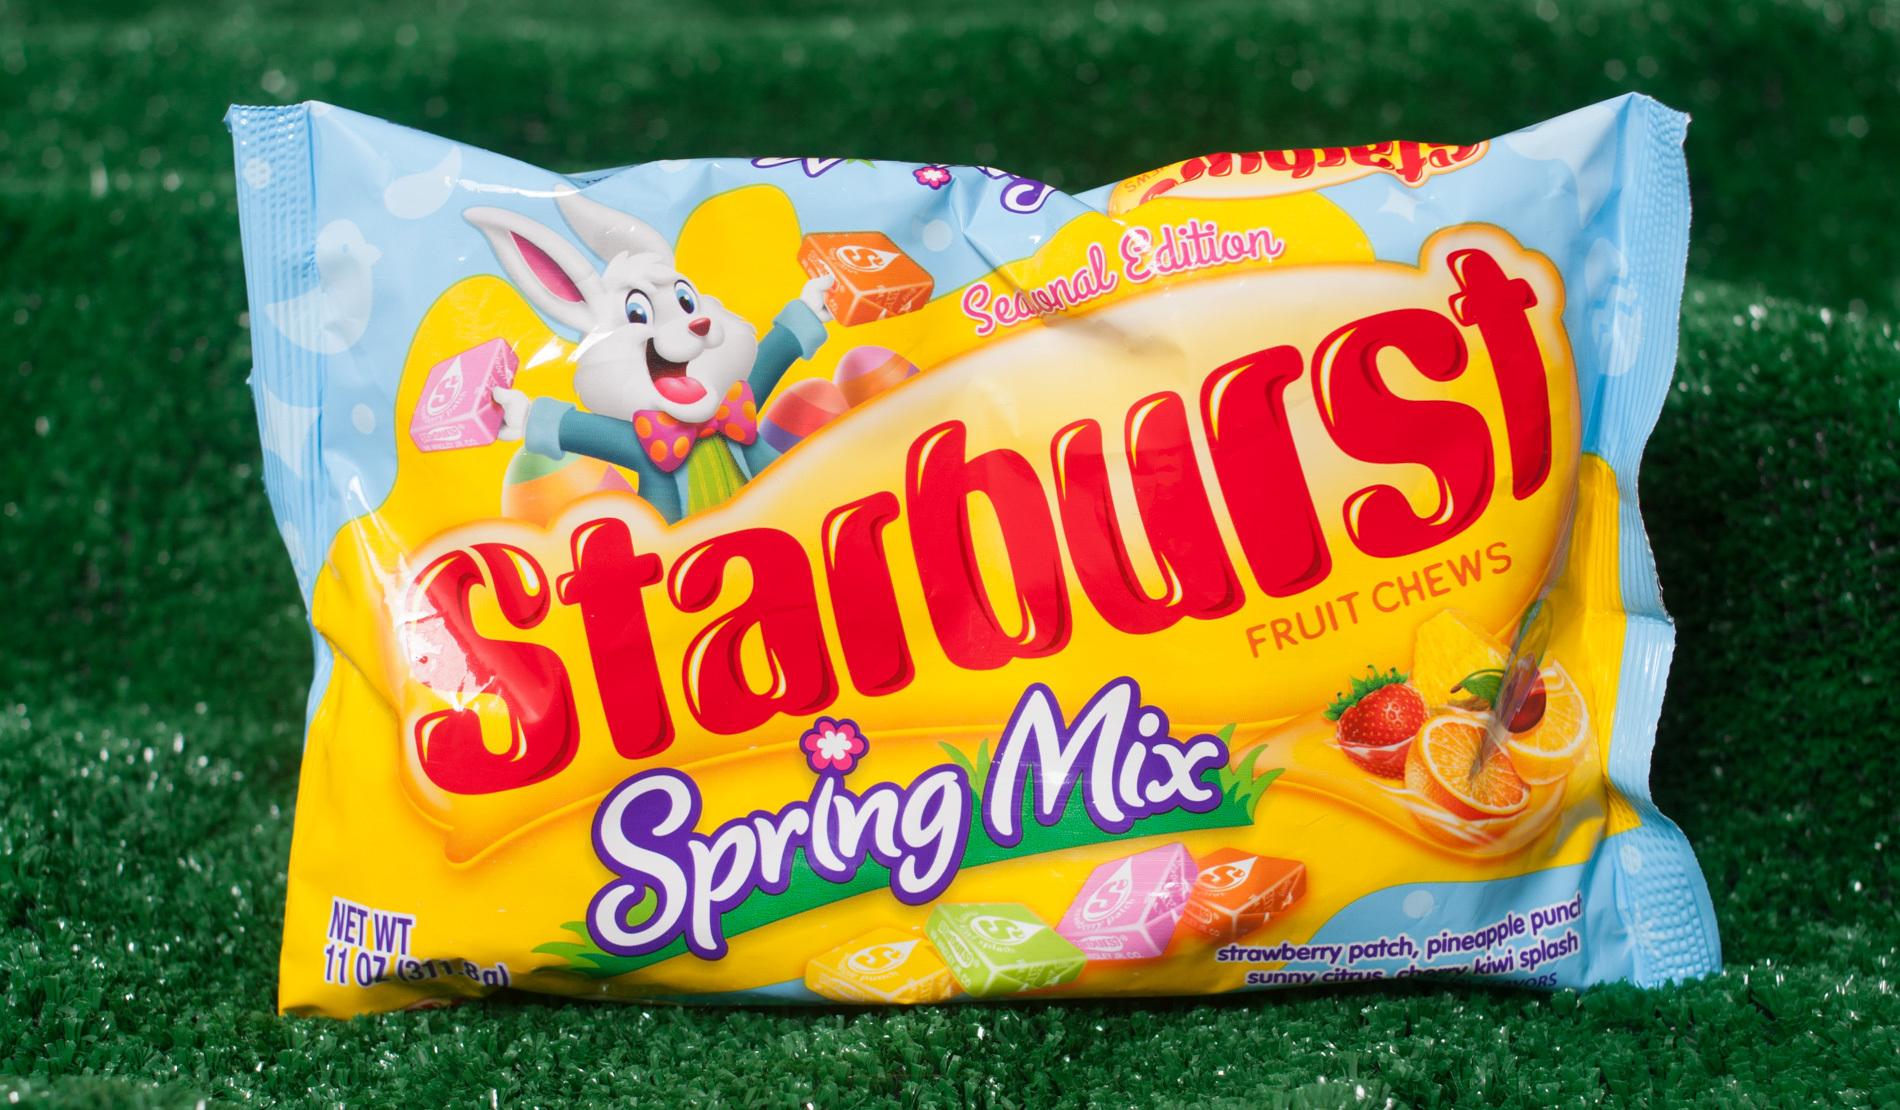 Starburst Spring Mix, $2.99